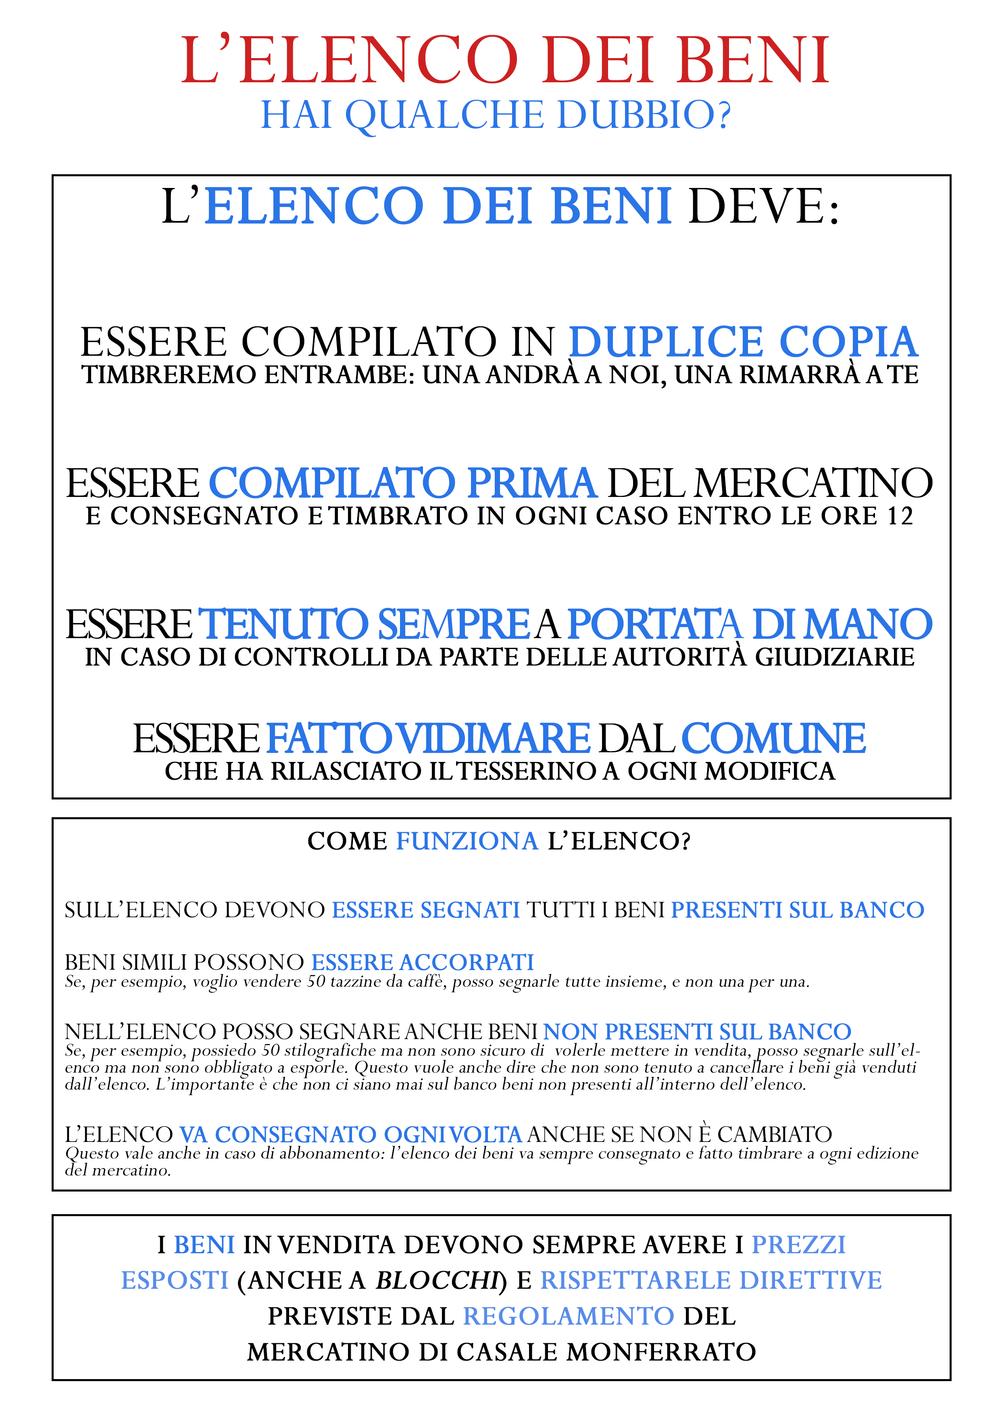 ELENCO BENI PROVA.png